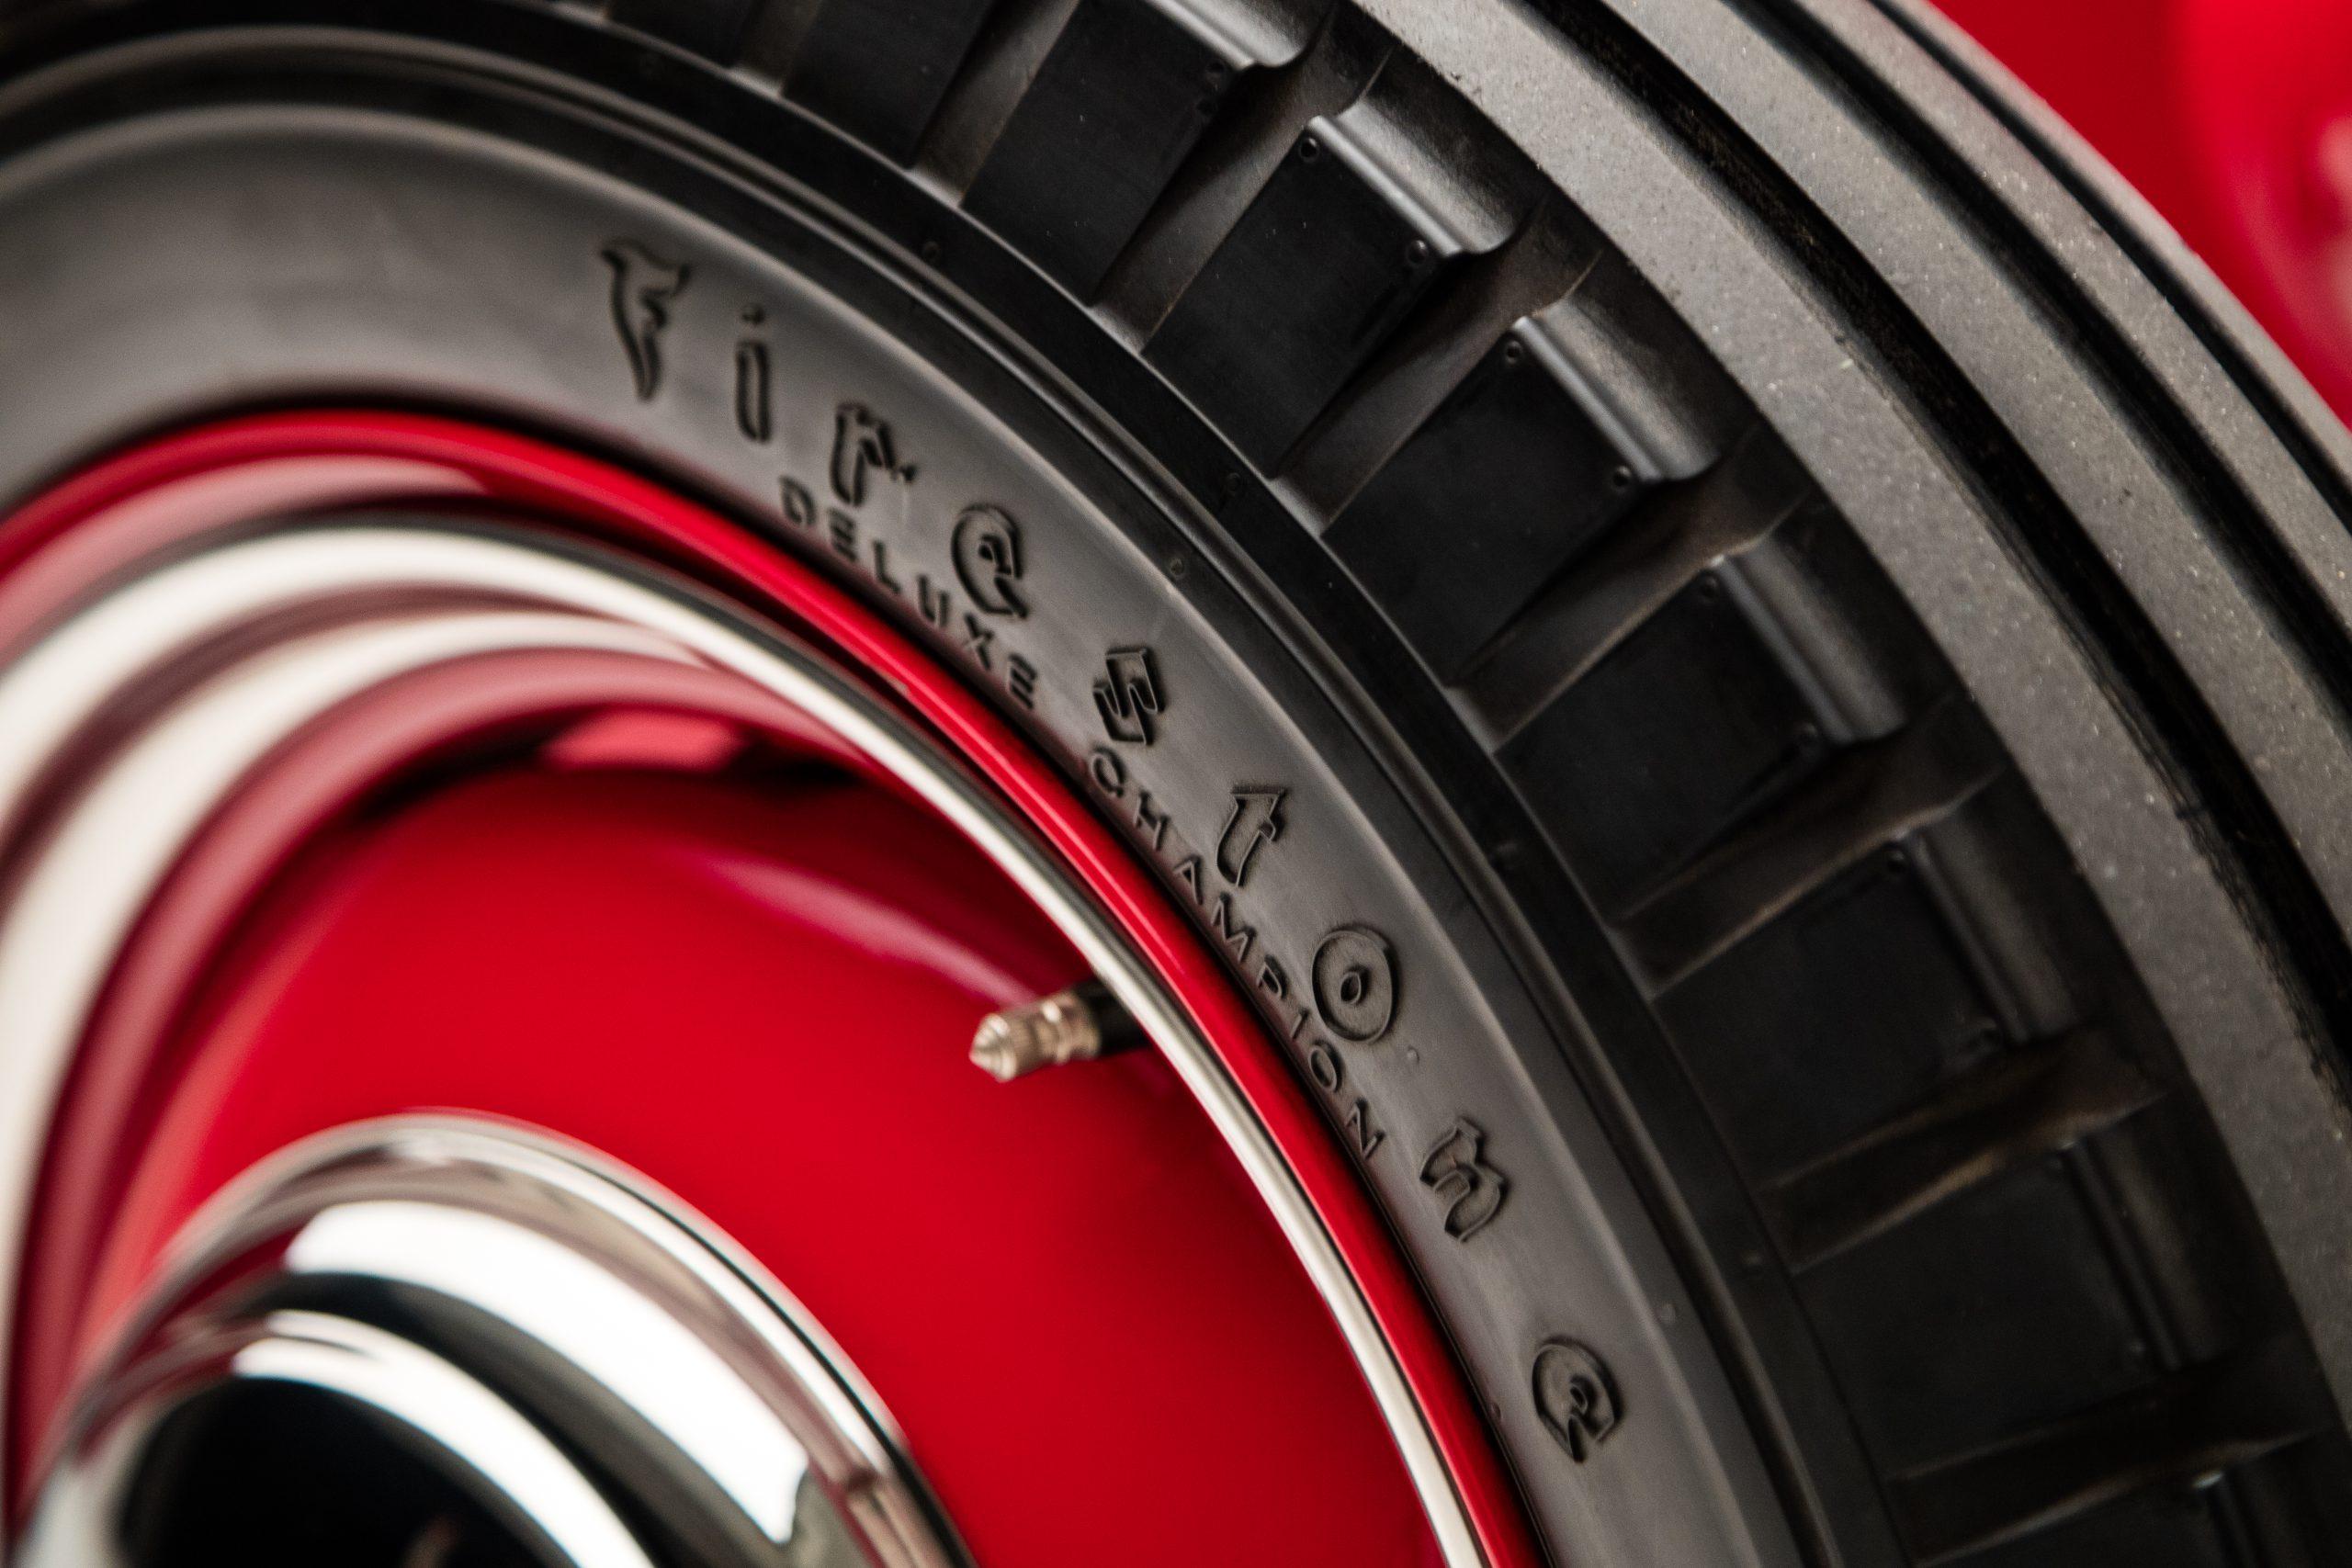 McGee Roadster - 1932 Ford - HVA - Studio 7 tires